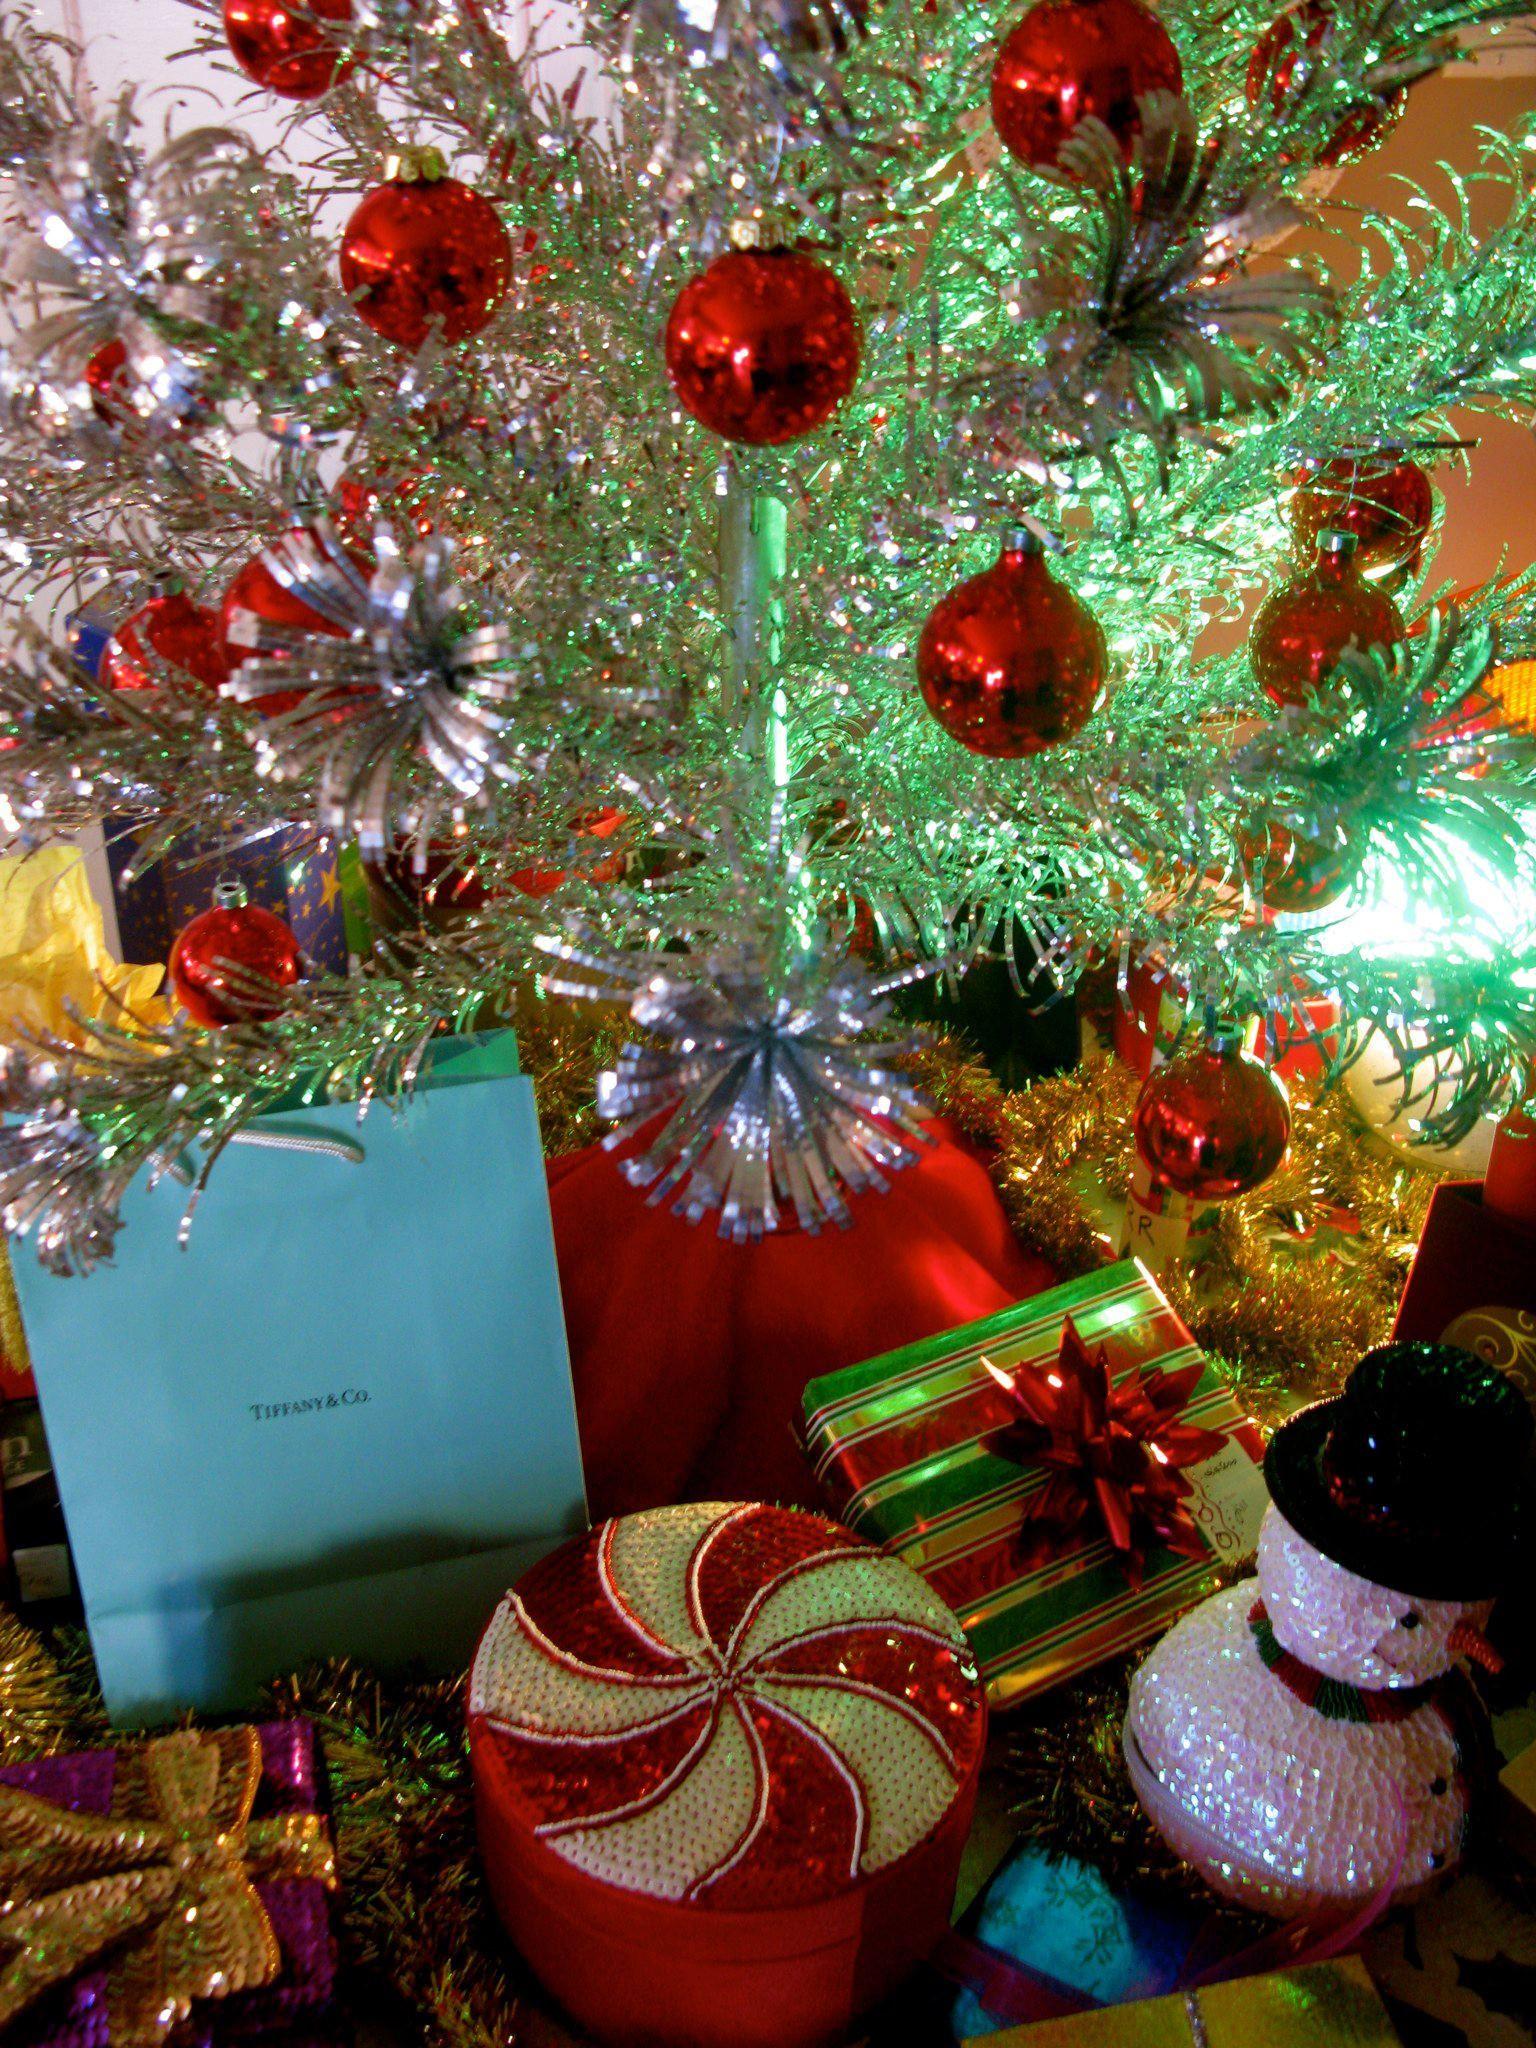 Tinselmania: 221 vintage aluminum Christmas trees | Christmas tree ...